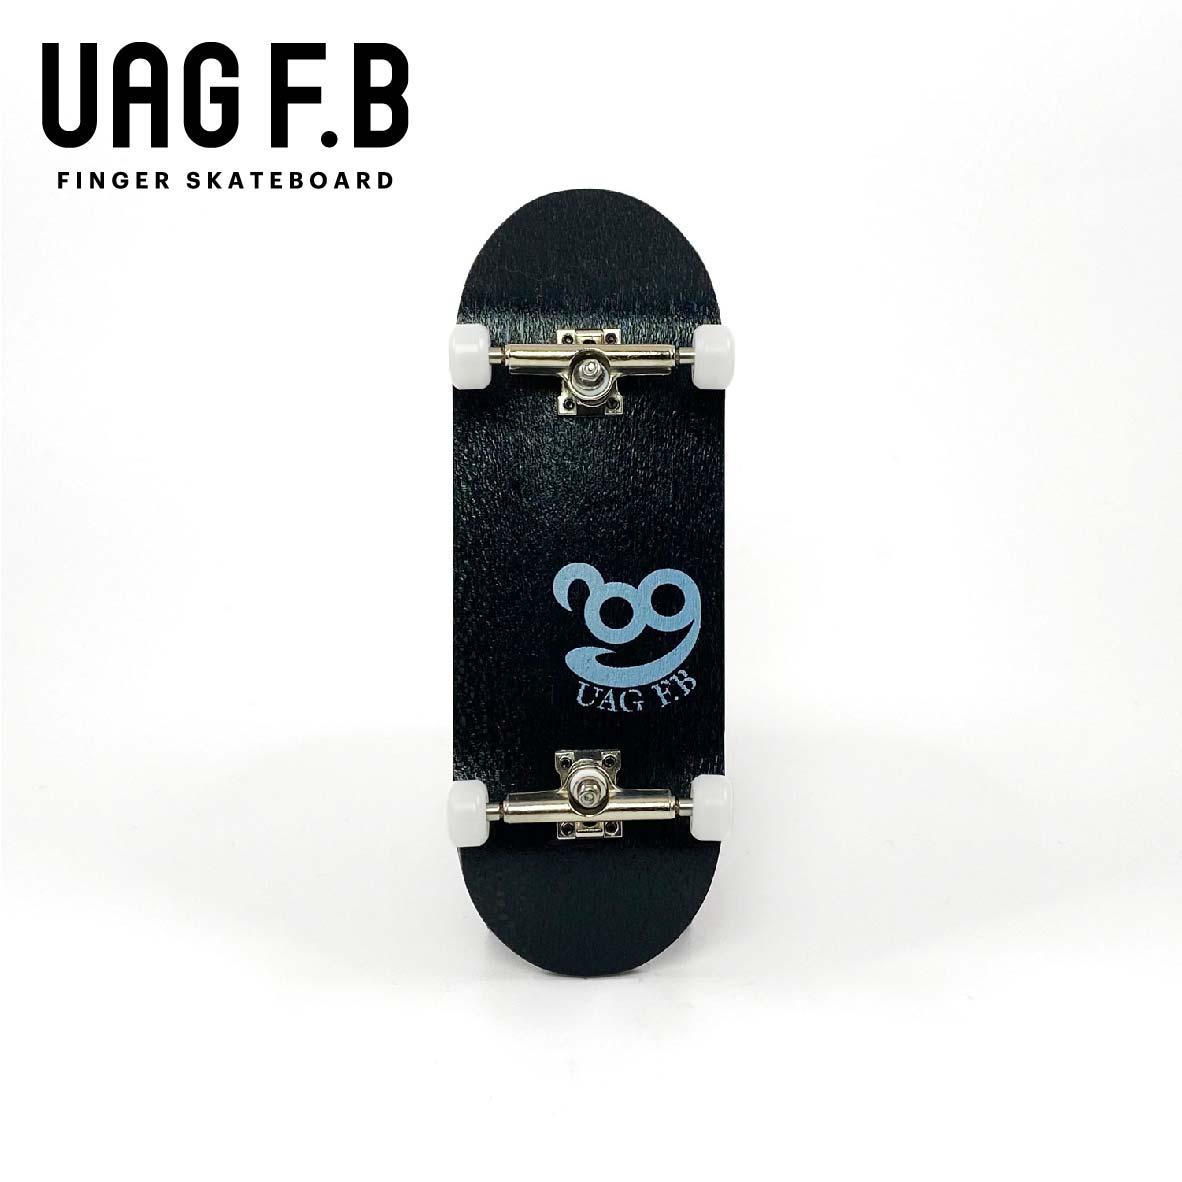 これから始めたい方にオススメ 価格とクオリティーにこだわったUAG F.Bの定番モデル アウトレットセール 特集 UAG F.B 《UAG コンプリート》 Simple -slim 黒 board 指スケ finger skate ver- お得